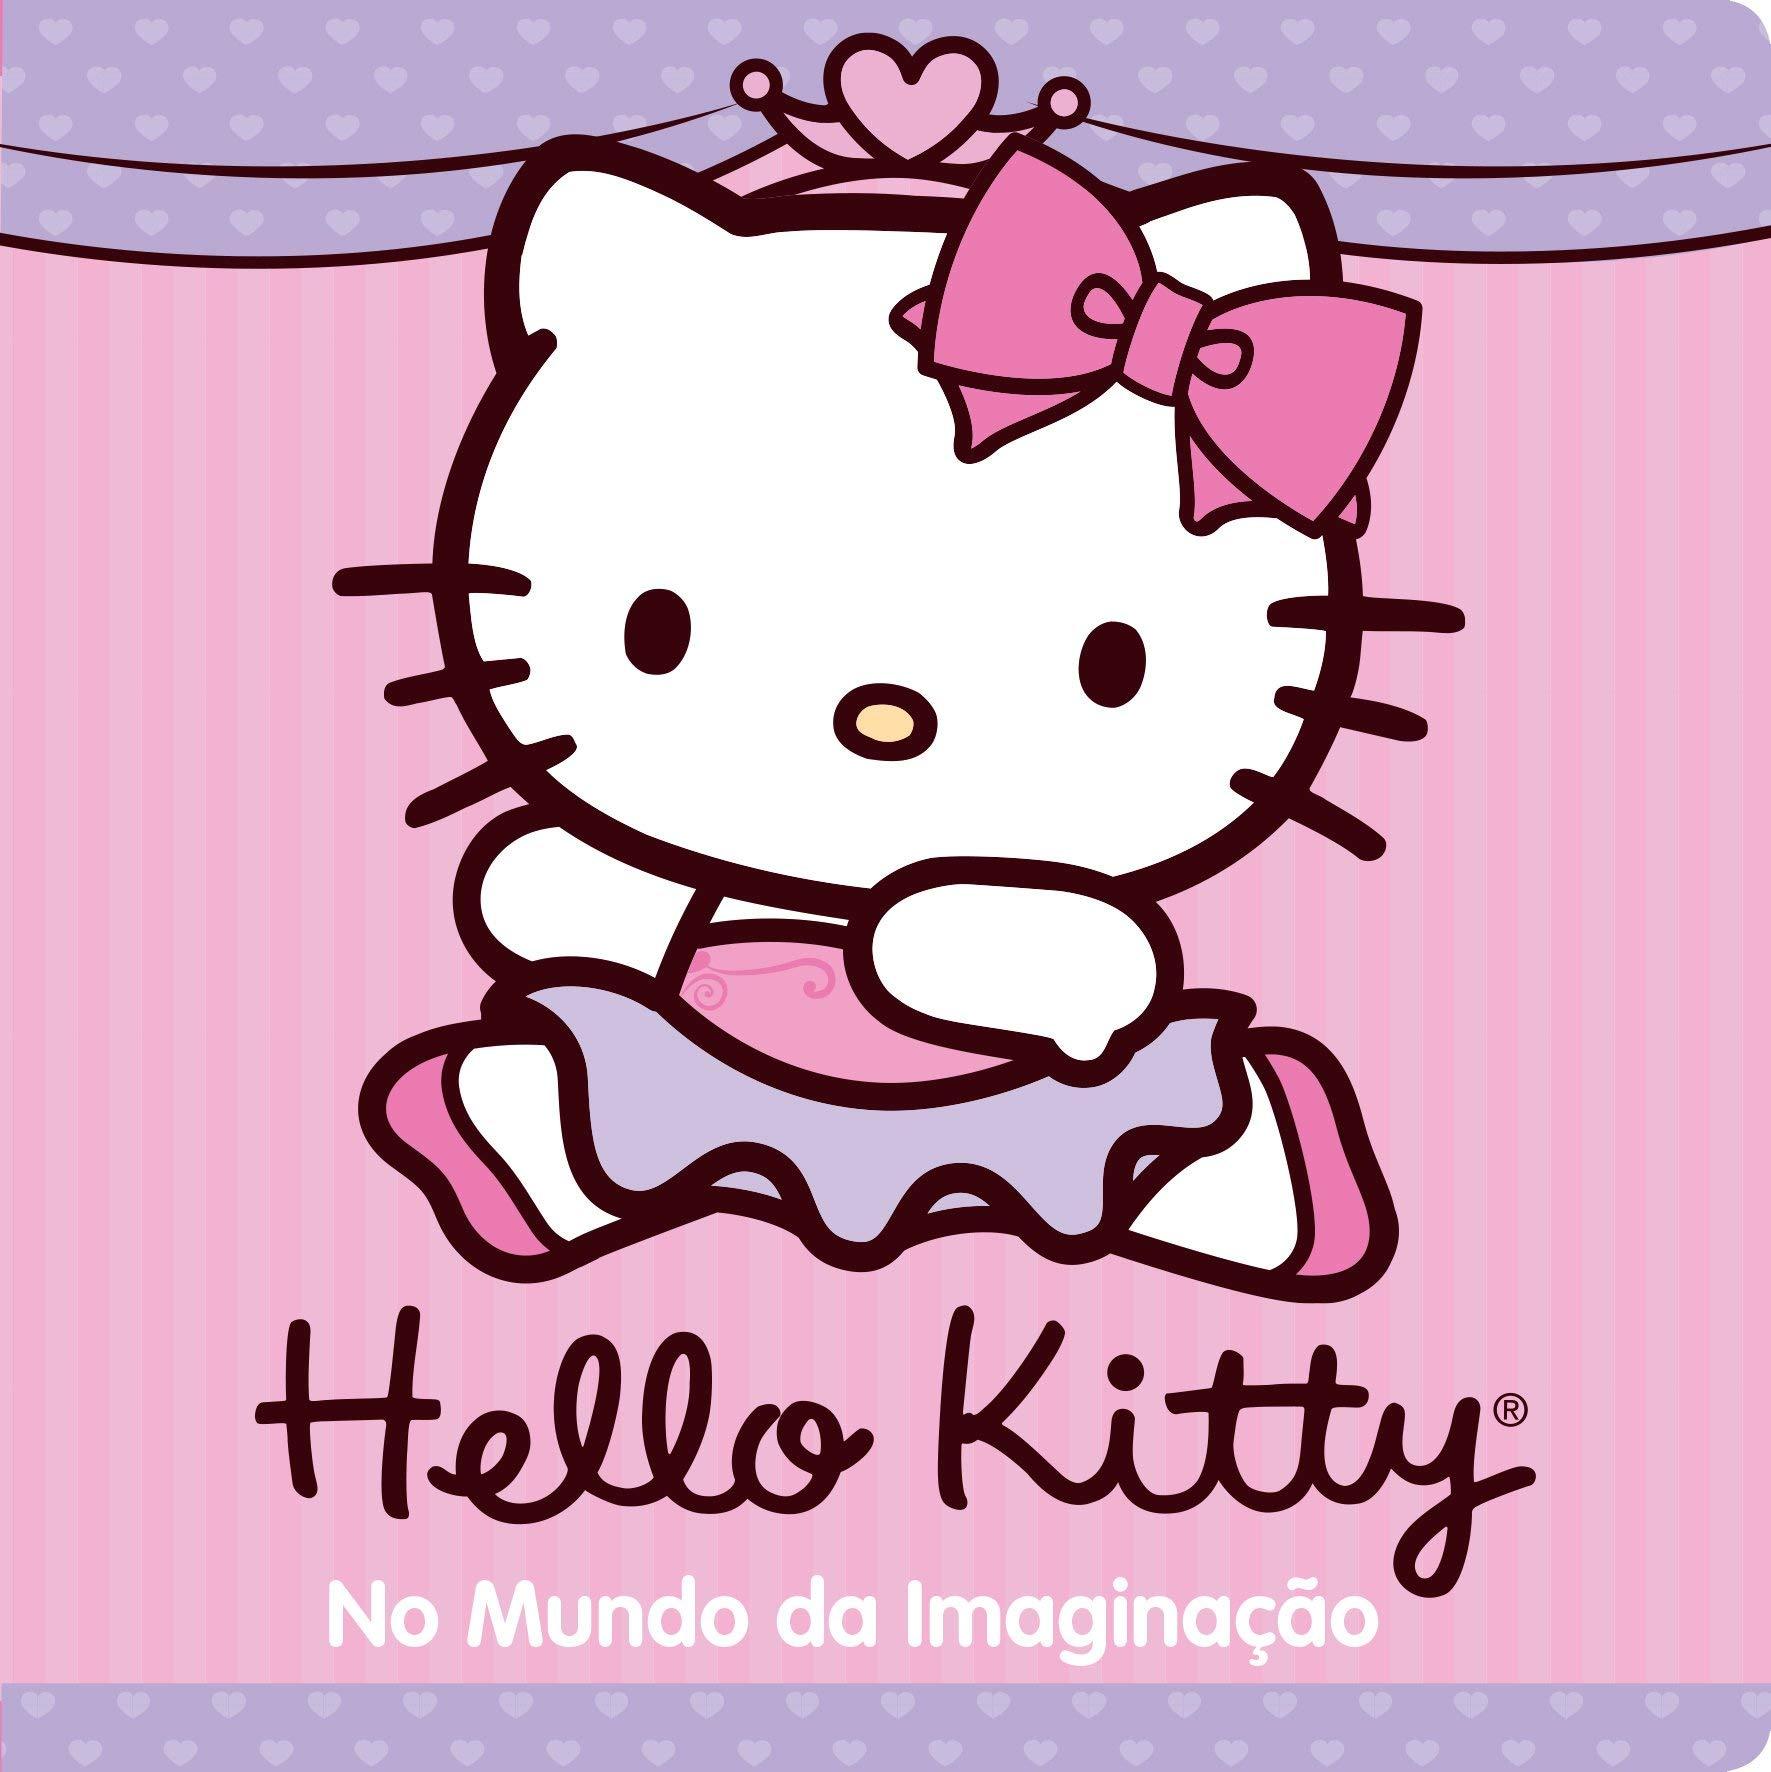 BANHO/HELLO KITTY - NO MUNDO DA IMAGINAÇÃO